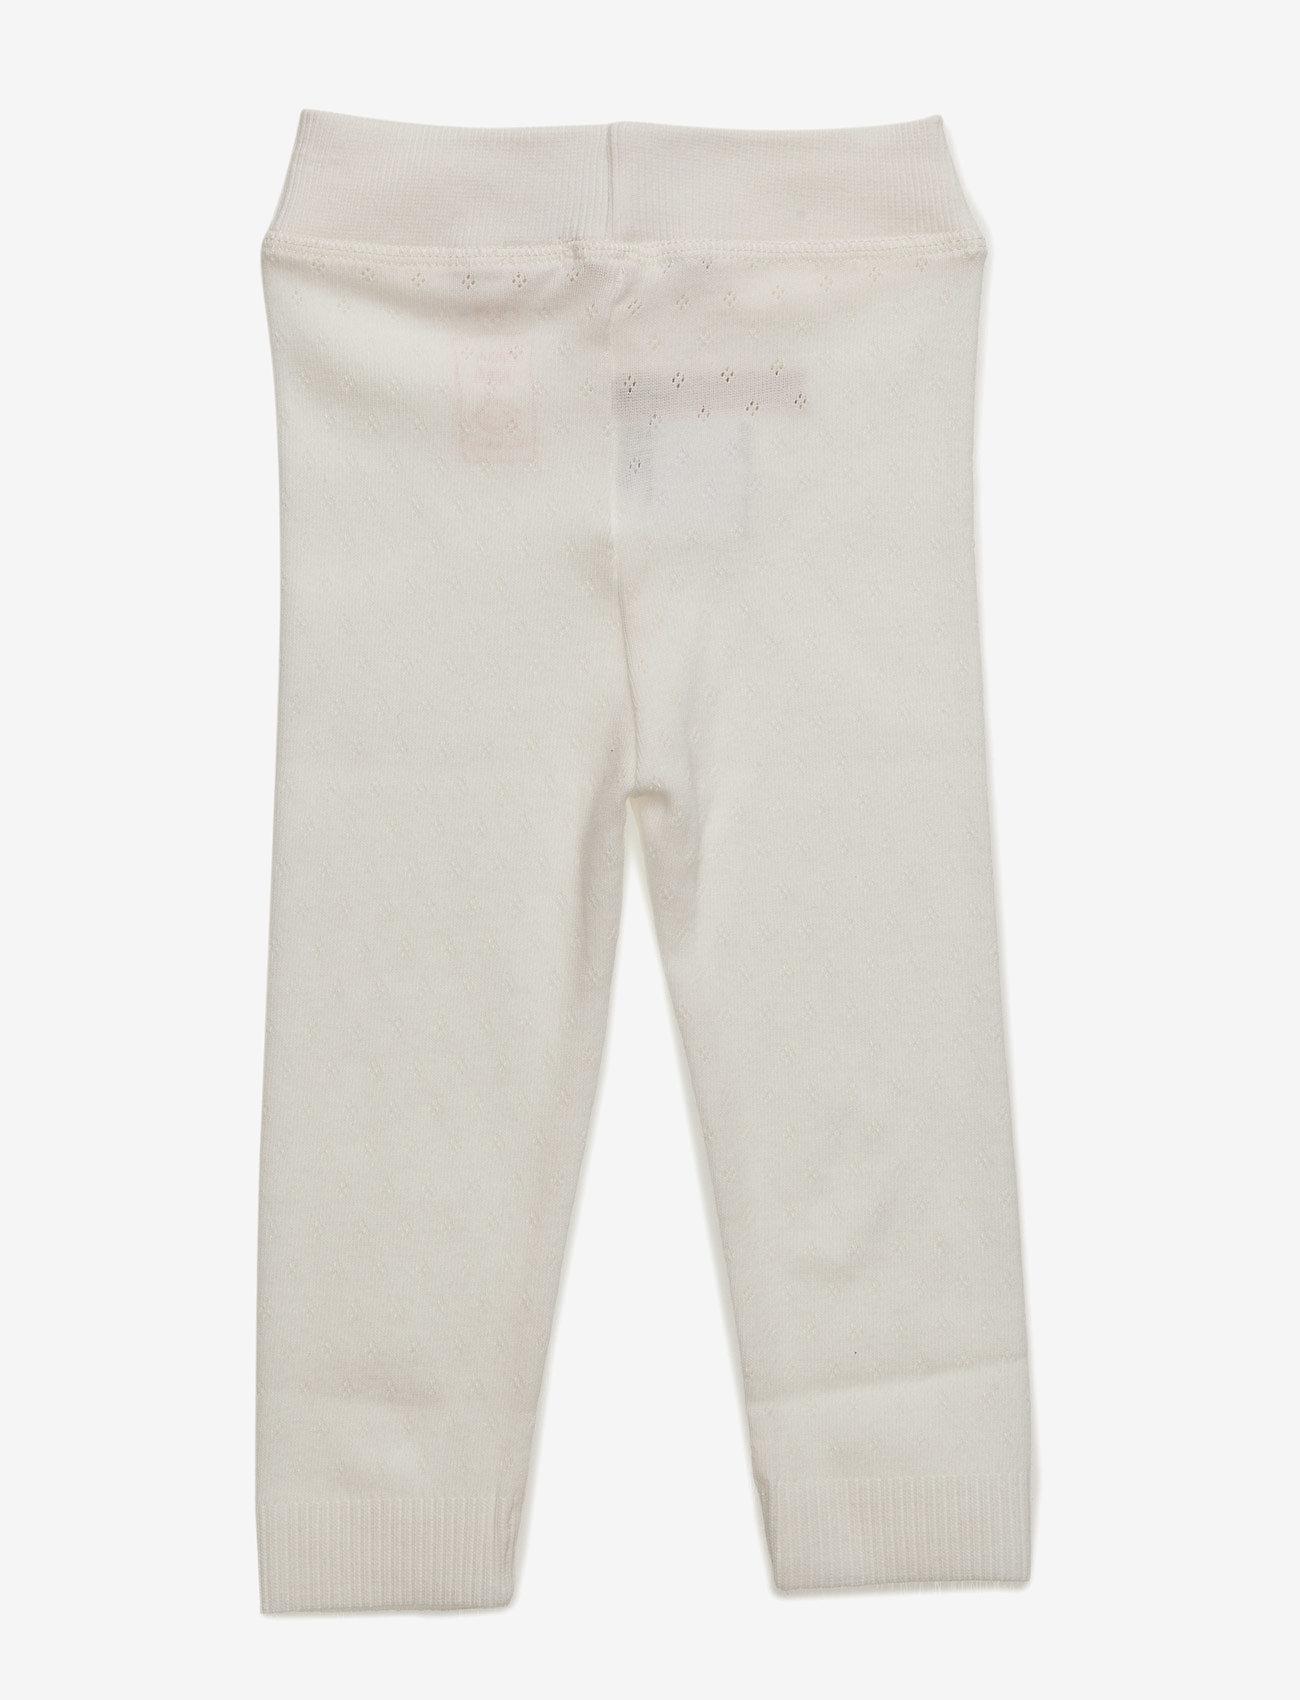 Noa Noa Miniature - Leggings - leggings - chalk - 1